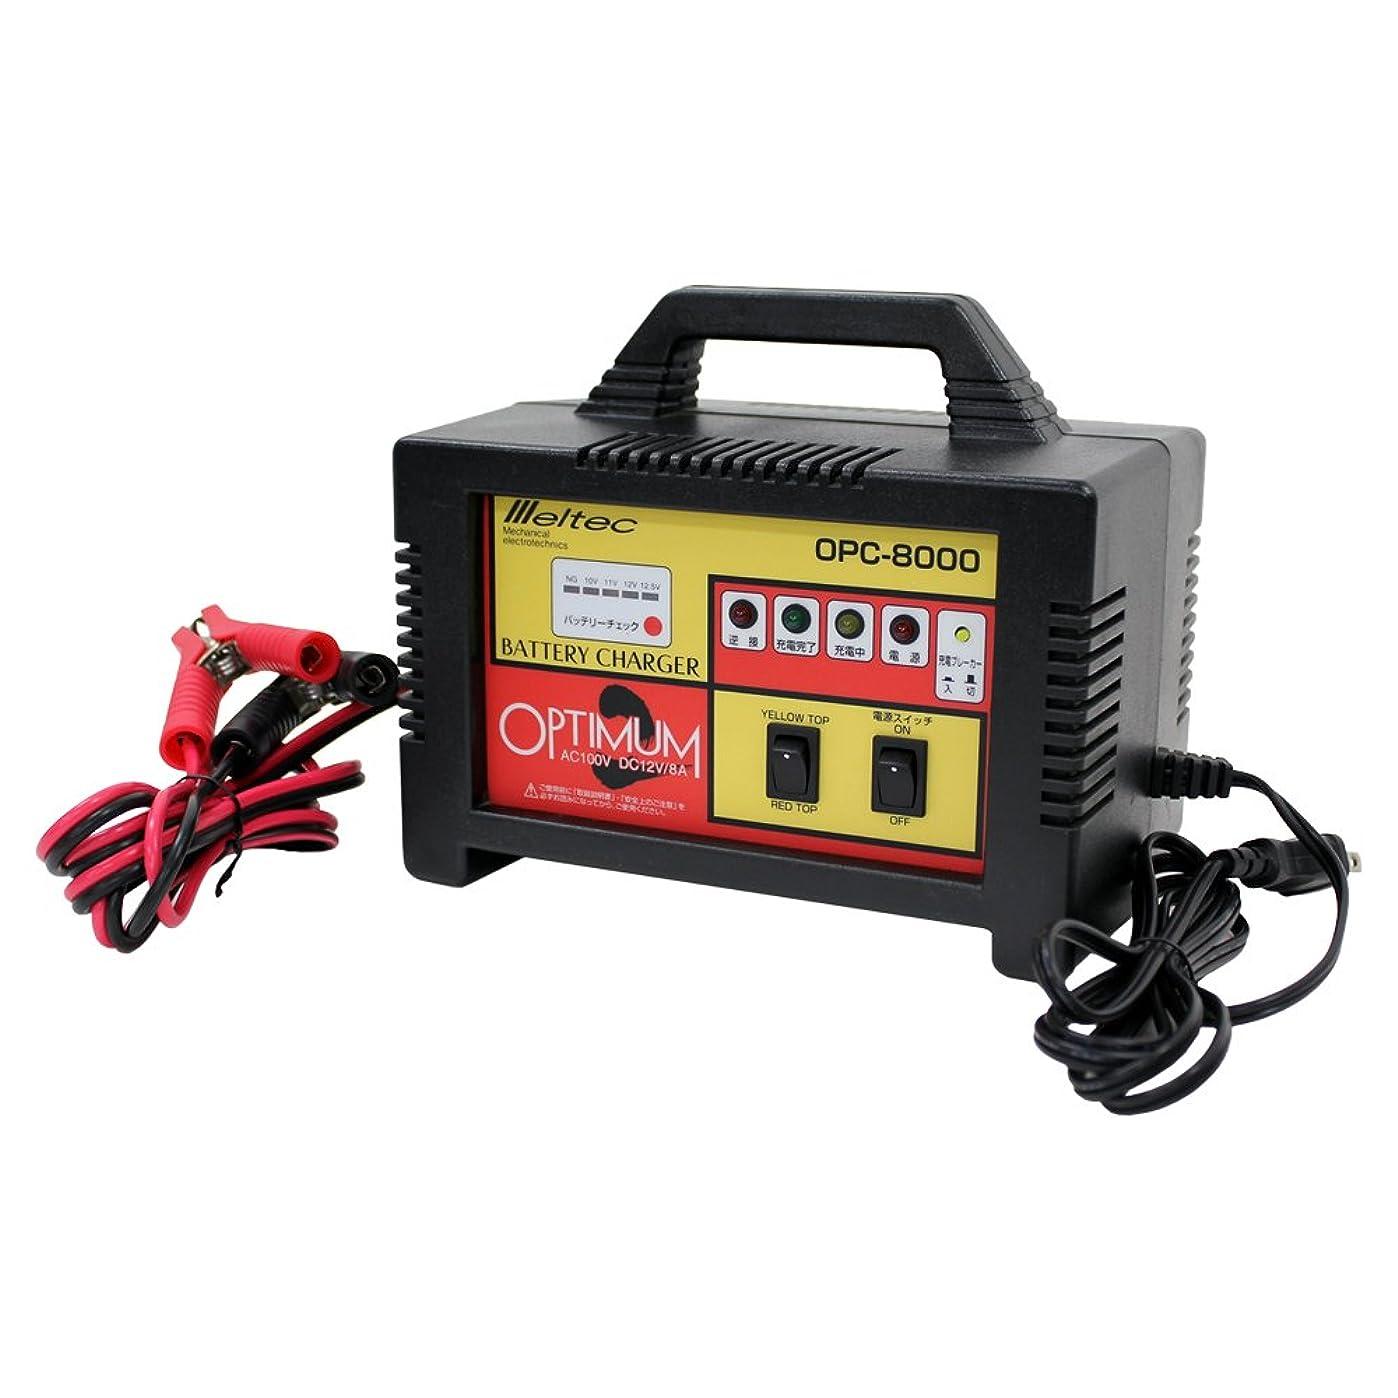 ドラゴン後退するウィンクメルテック バッテリー充電器 オプティマ専用 定格8A イエロートップ/レッドトップ切替スイッチ付 OPC-8000